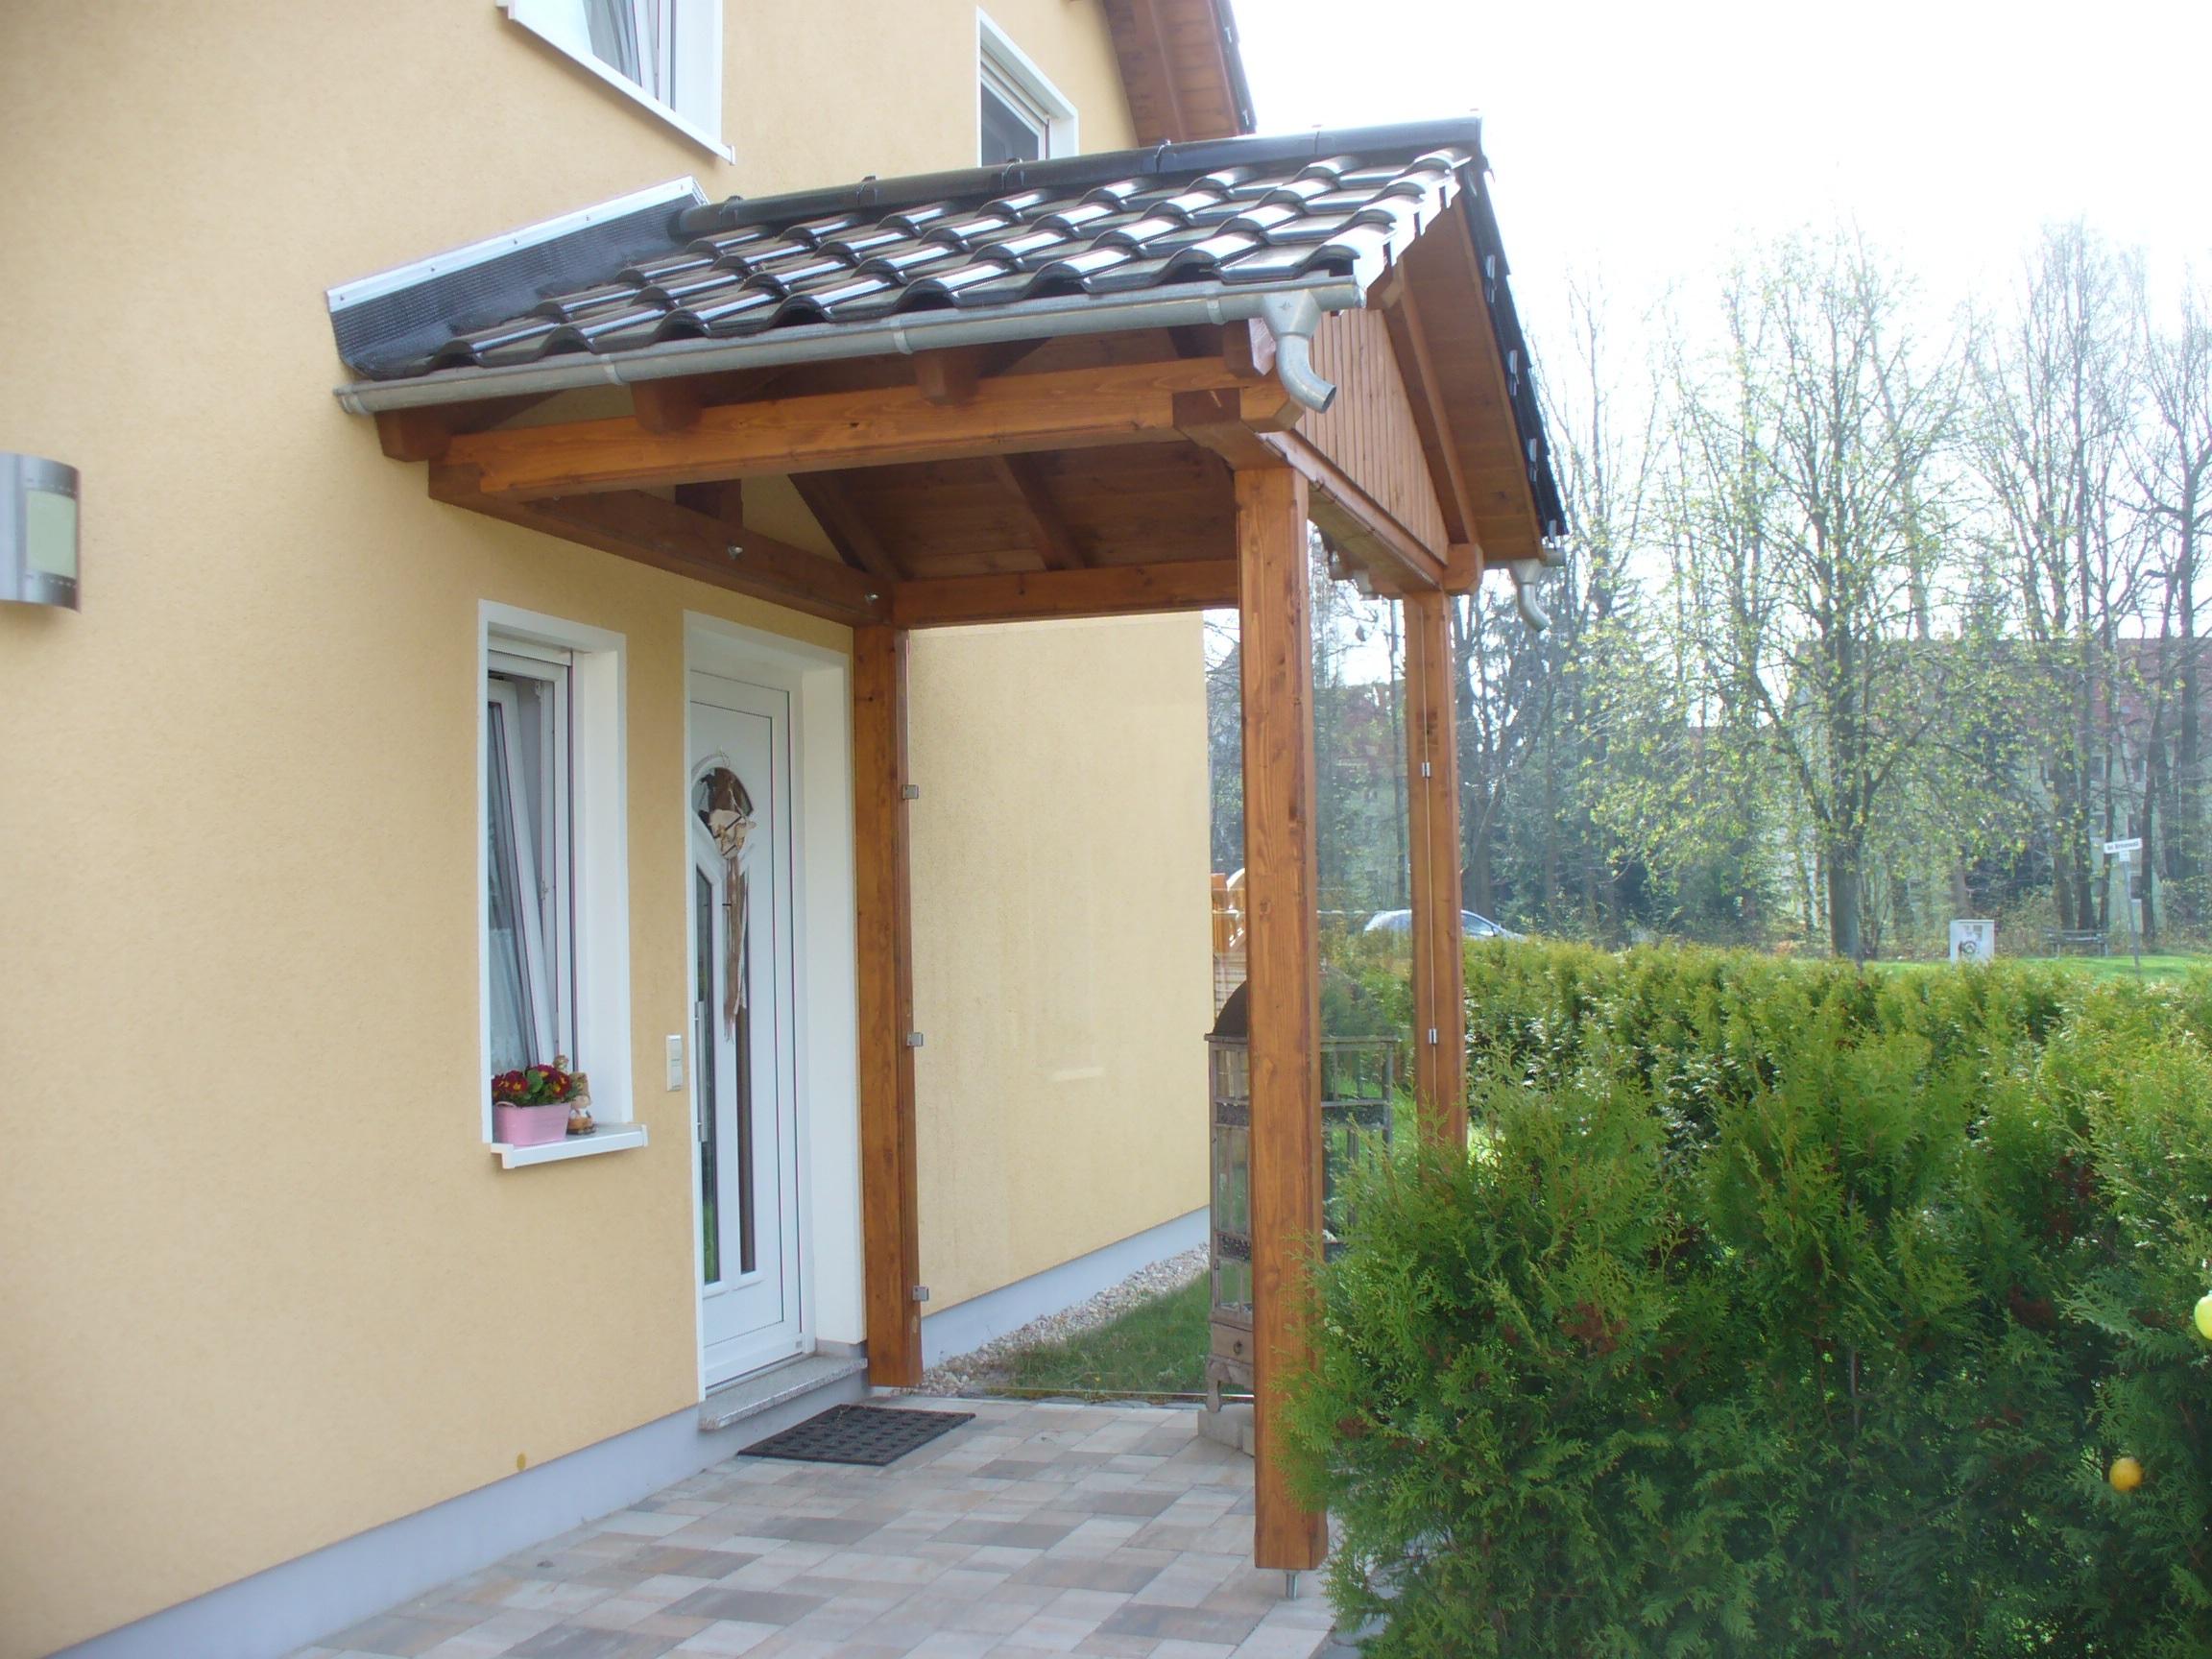 vordächer aus holz | carport scherzer, Moderne